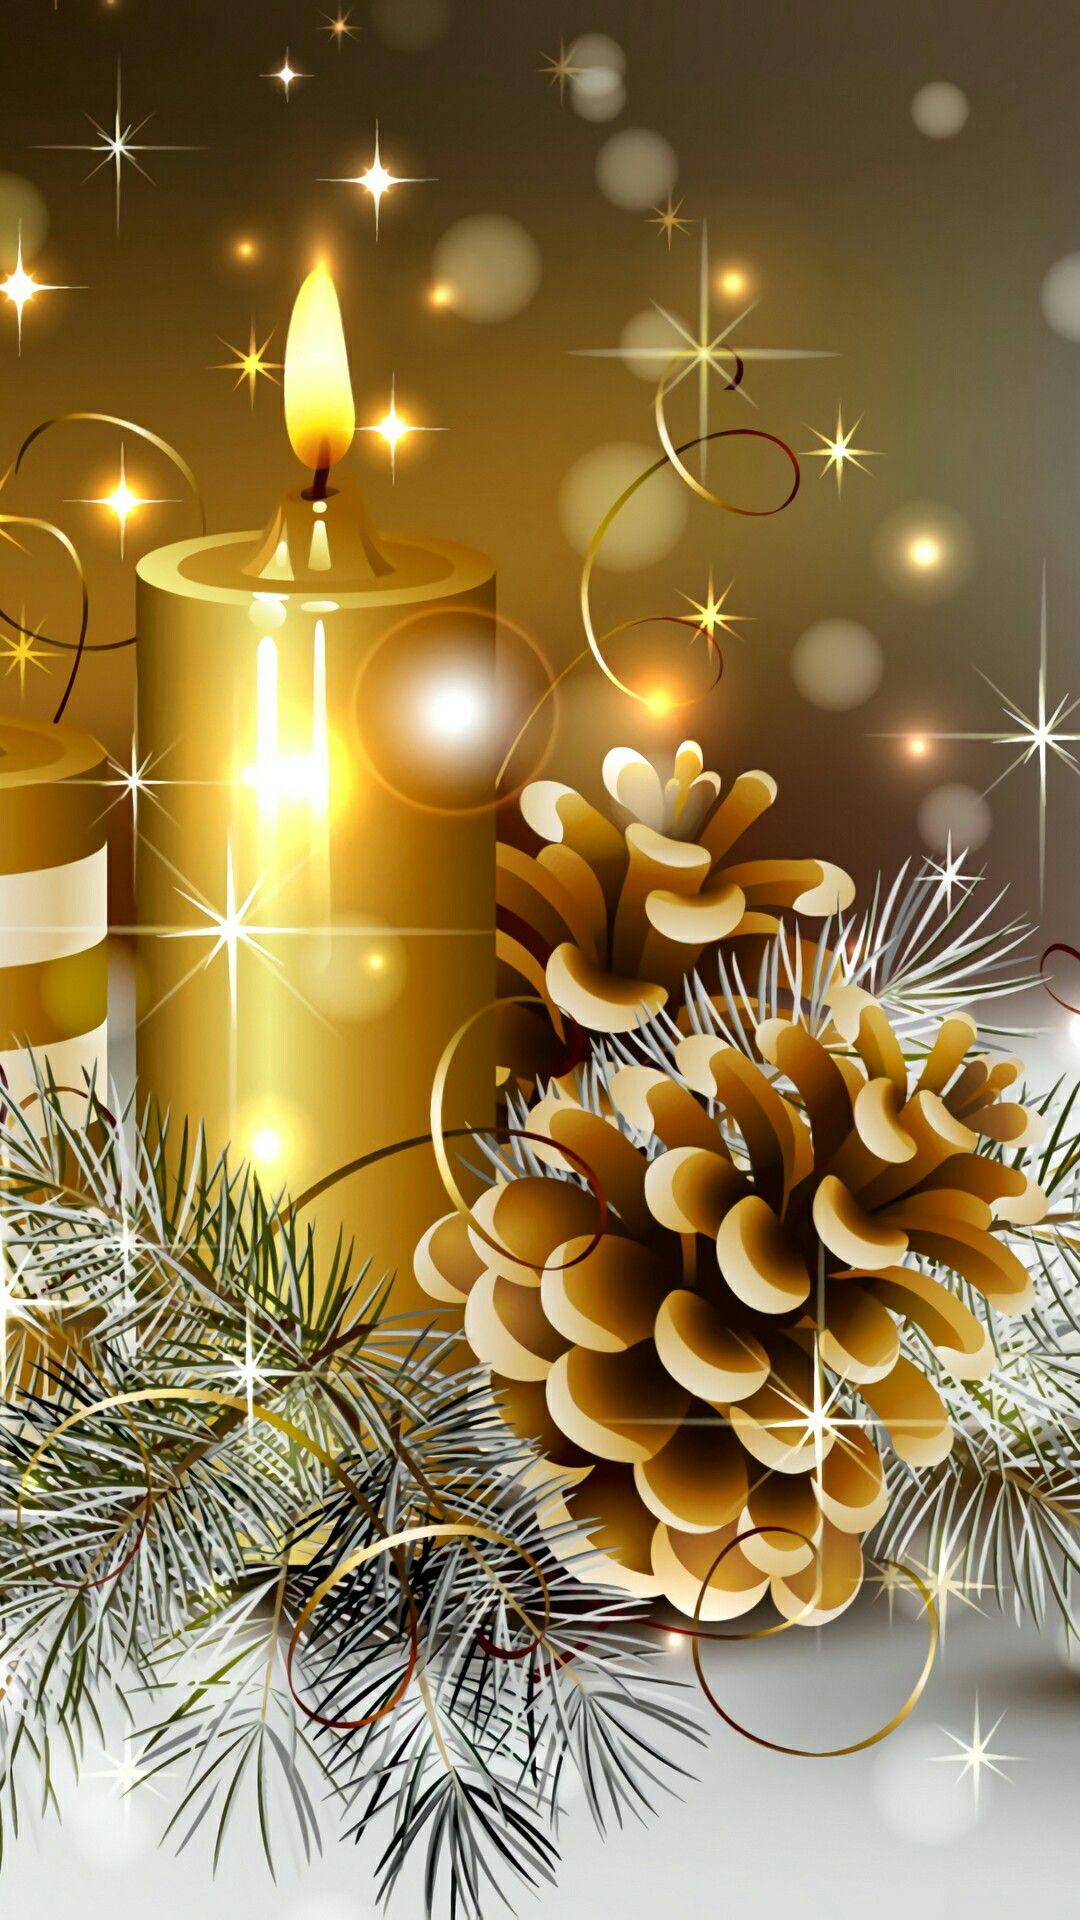 Pin Von Erkan Bildirici Auf Gold Wallpaper Weihnachten Weihnachten Neujahr Hintergrund Weihnachten